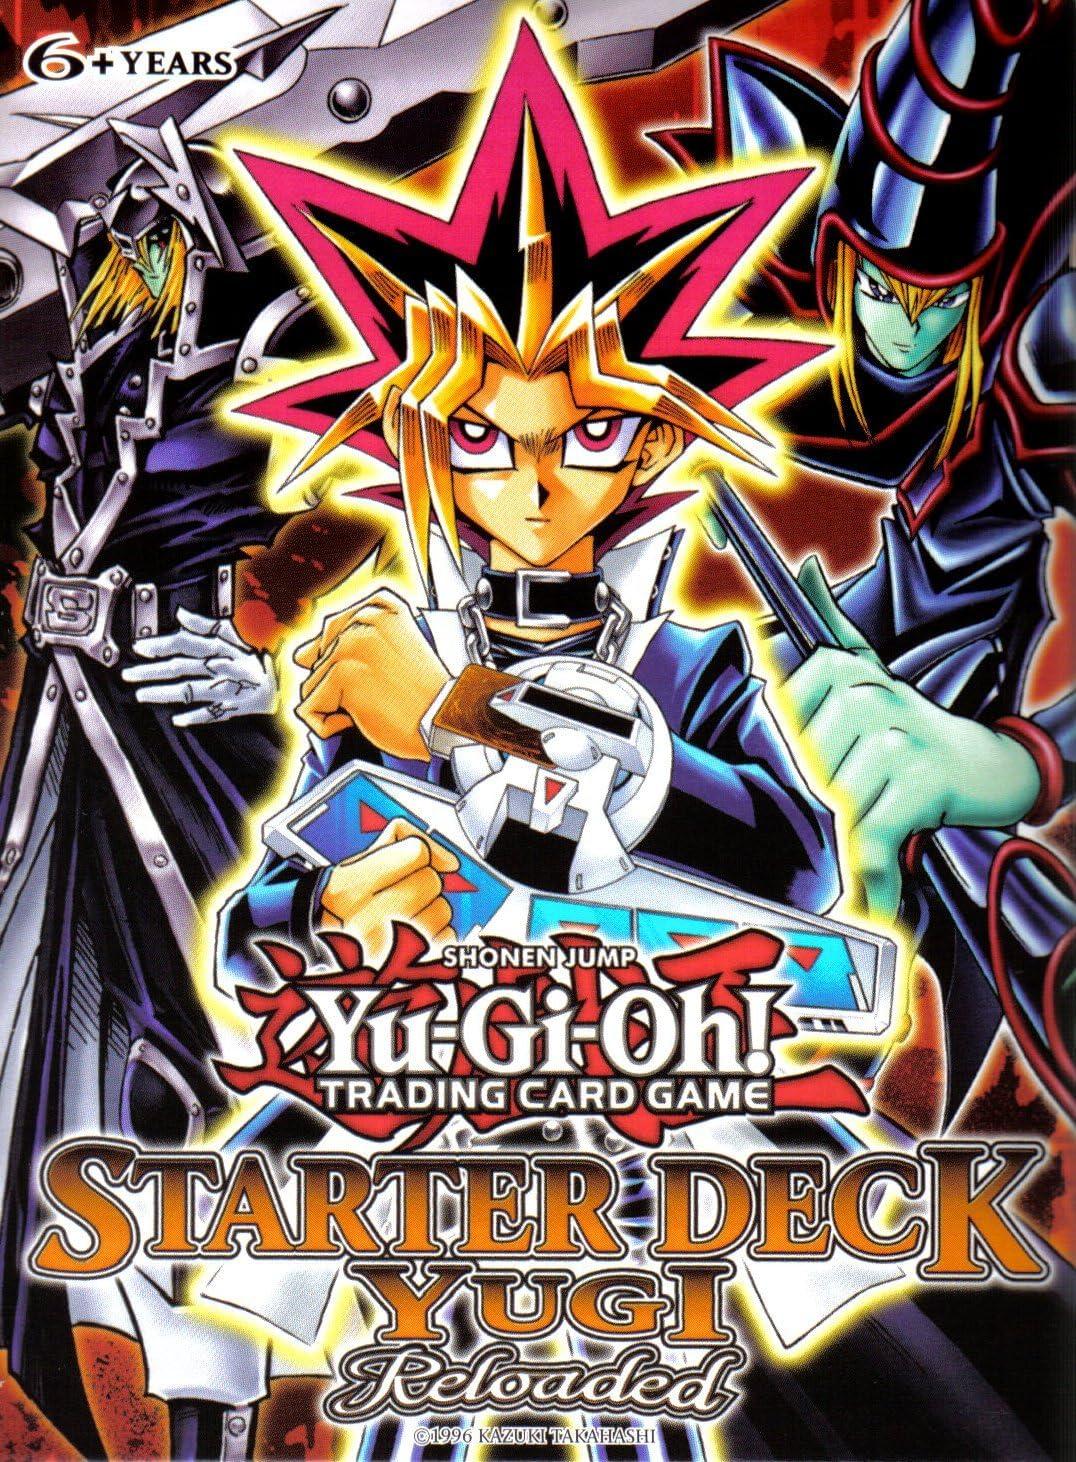 Yu-Gi-Oh! TCG Yugi Reloaded Starter Deck